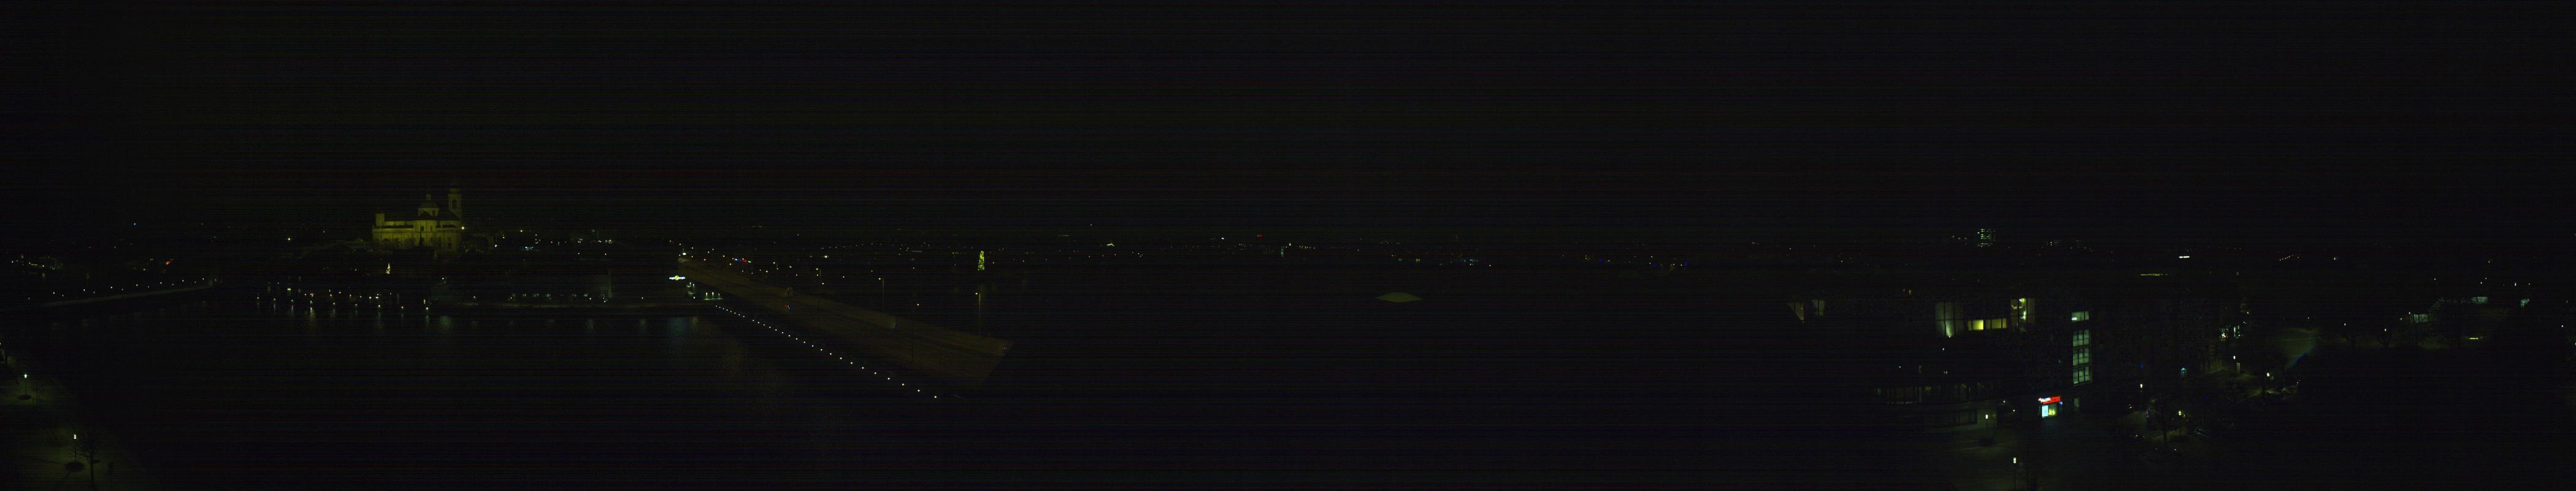 18h ago - 23:00